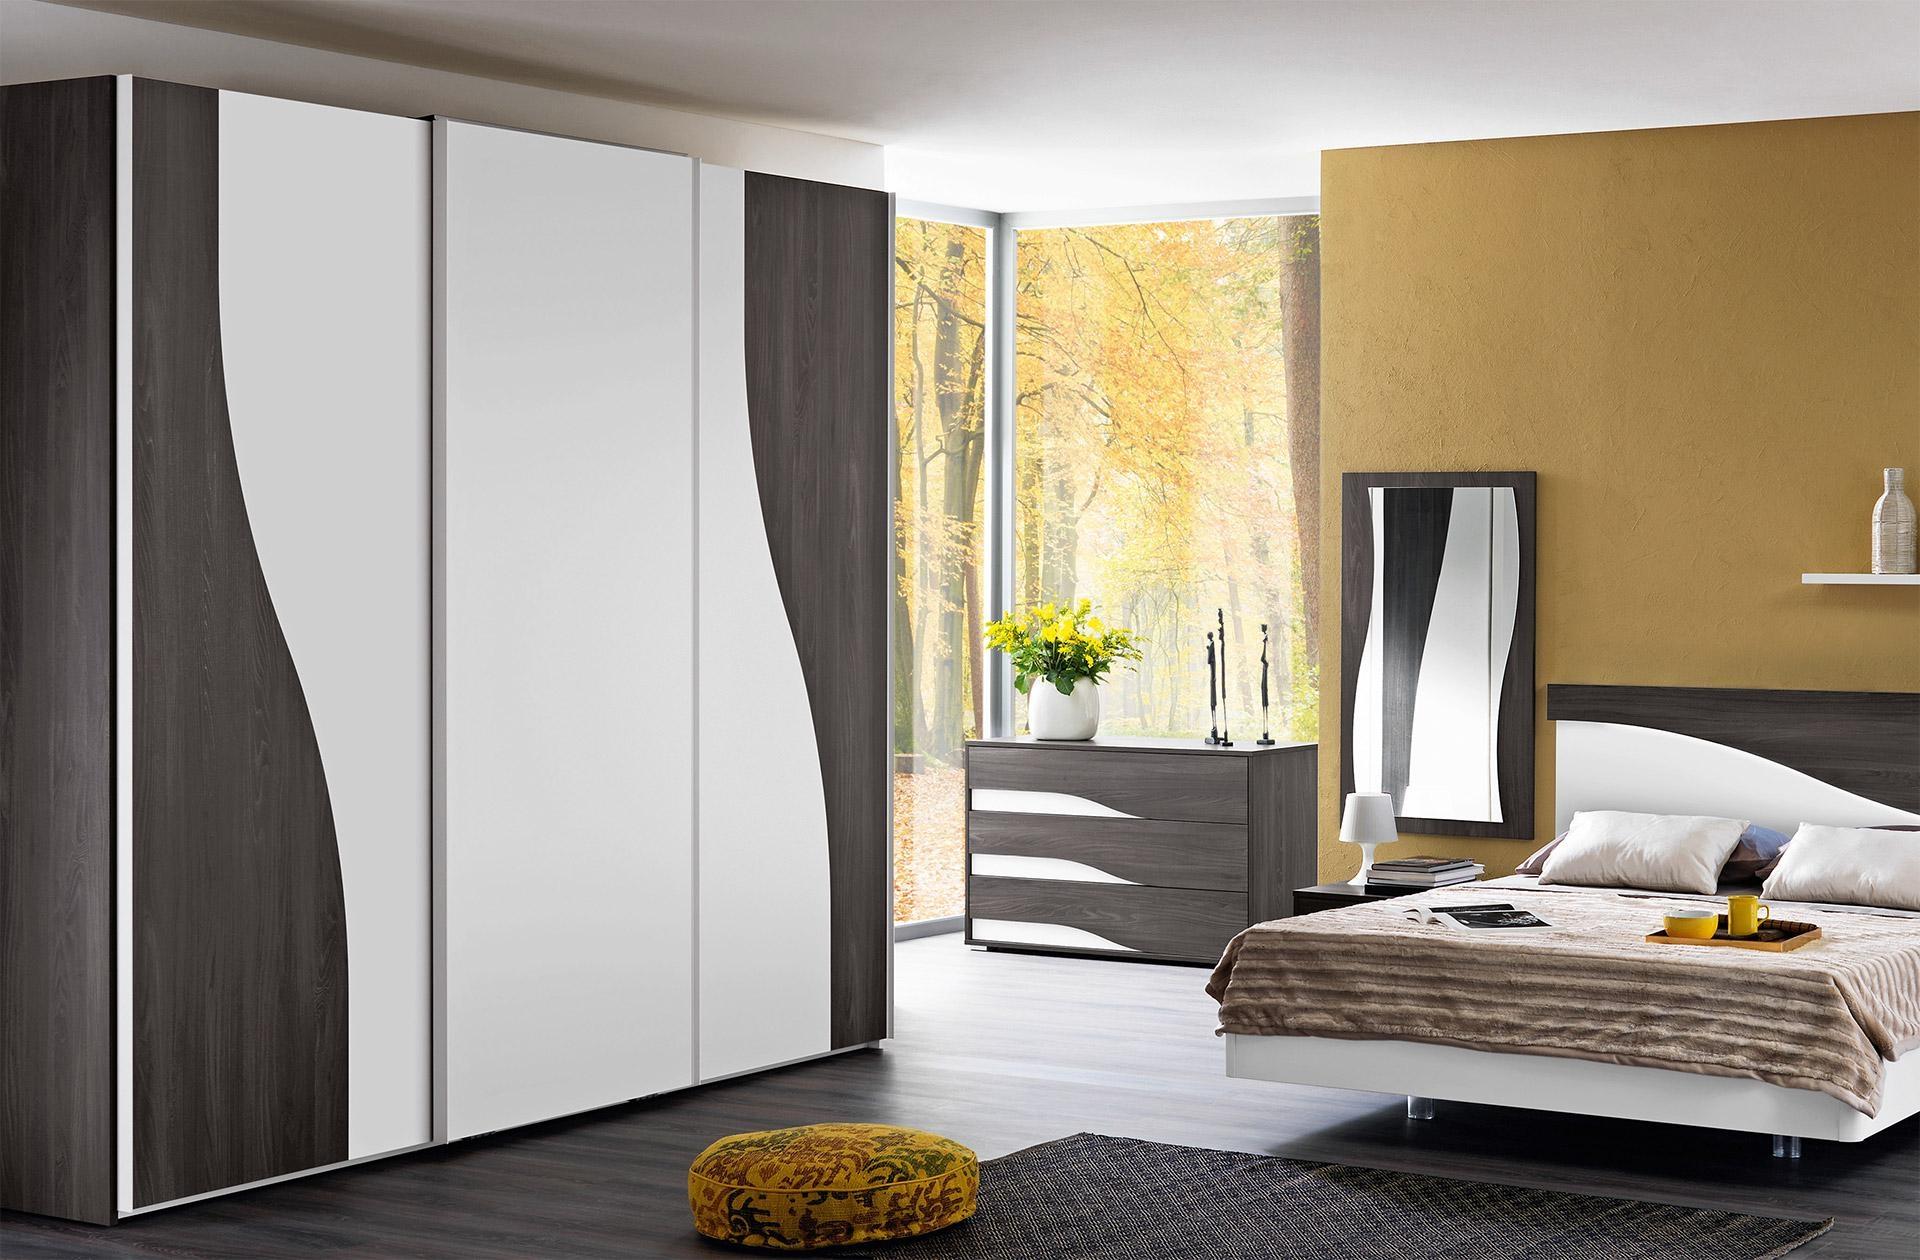 Letti ikea bambini - Ikea camere da letto complete ...